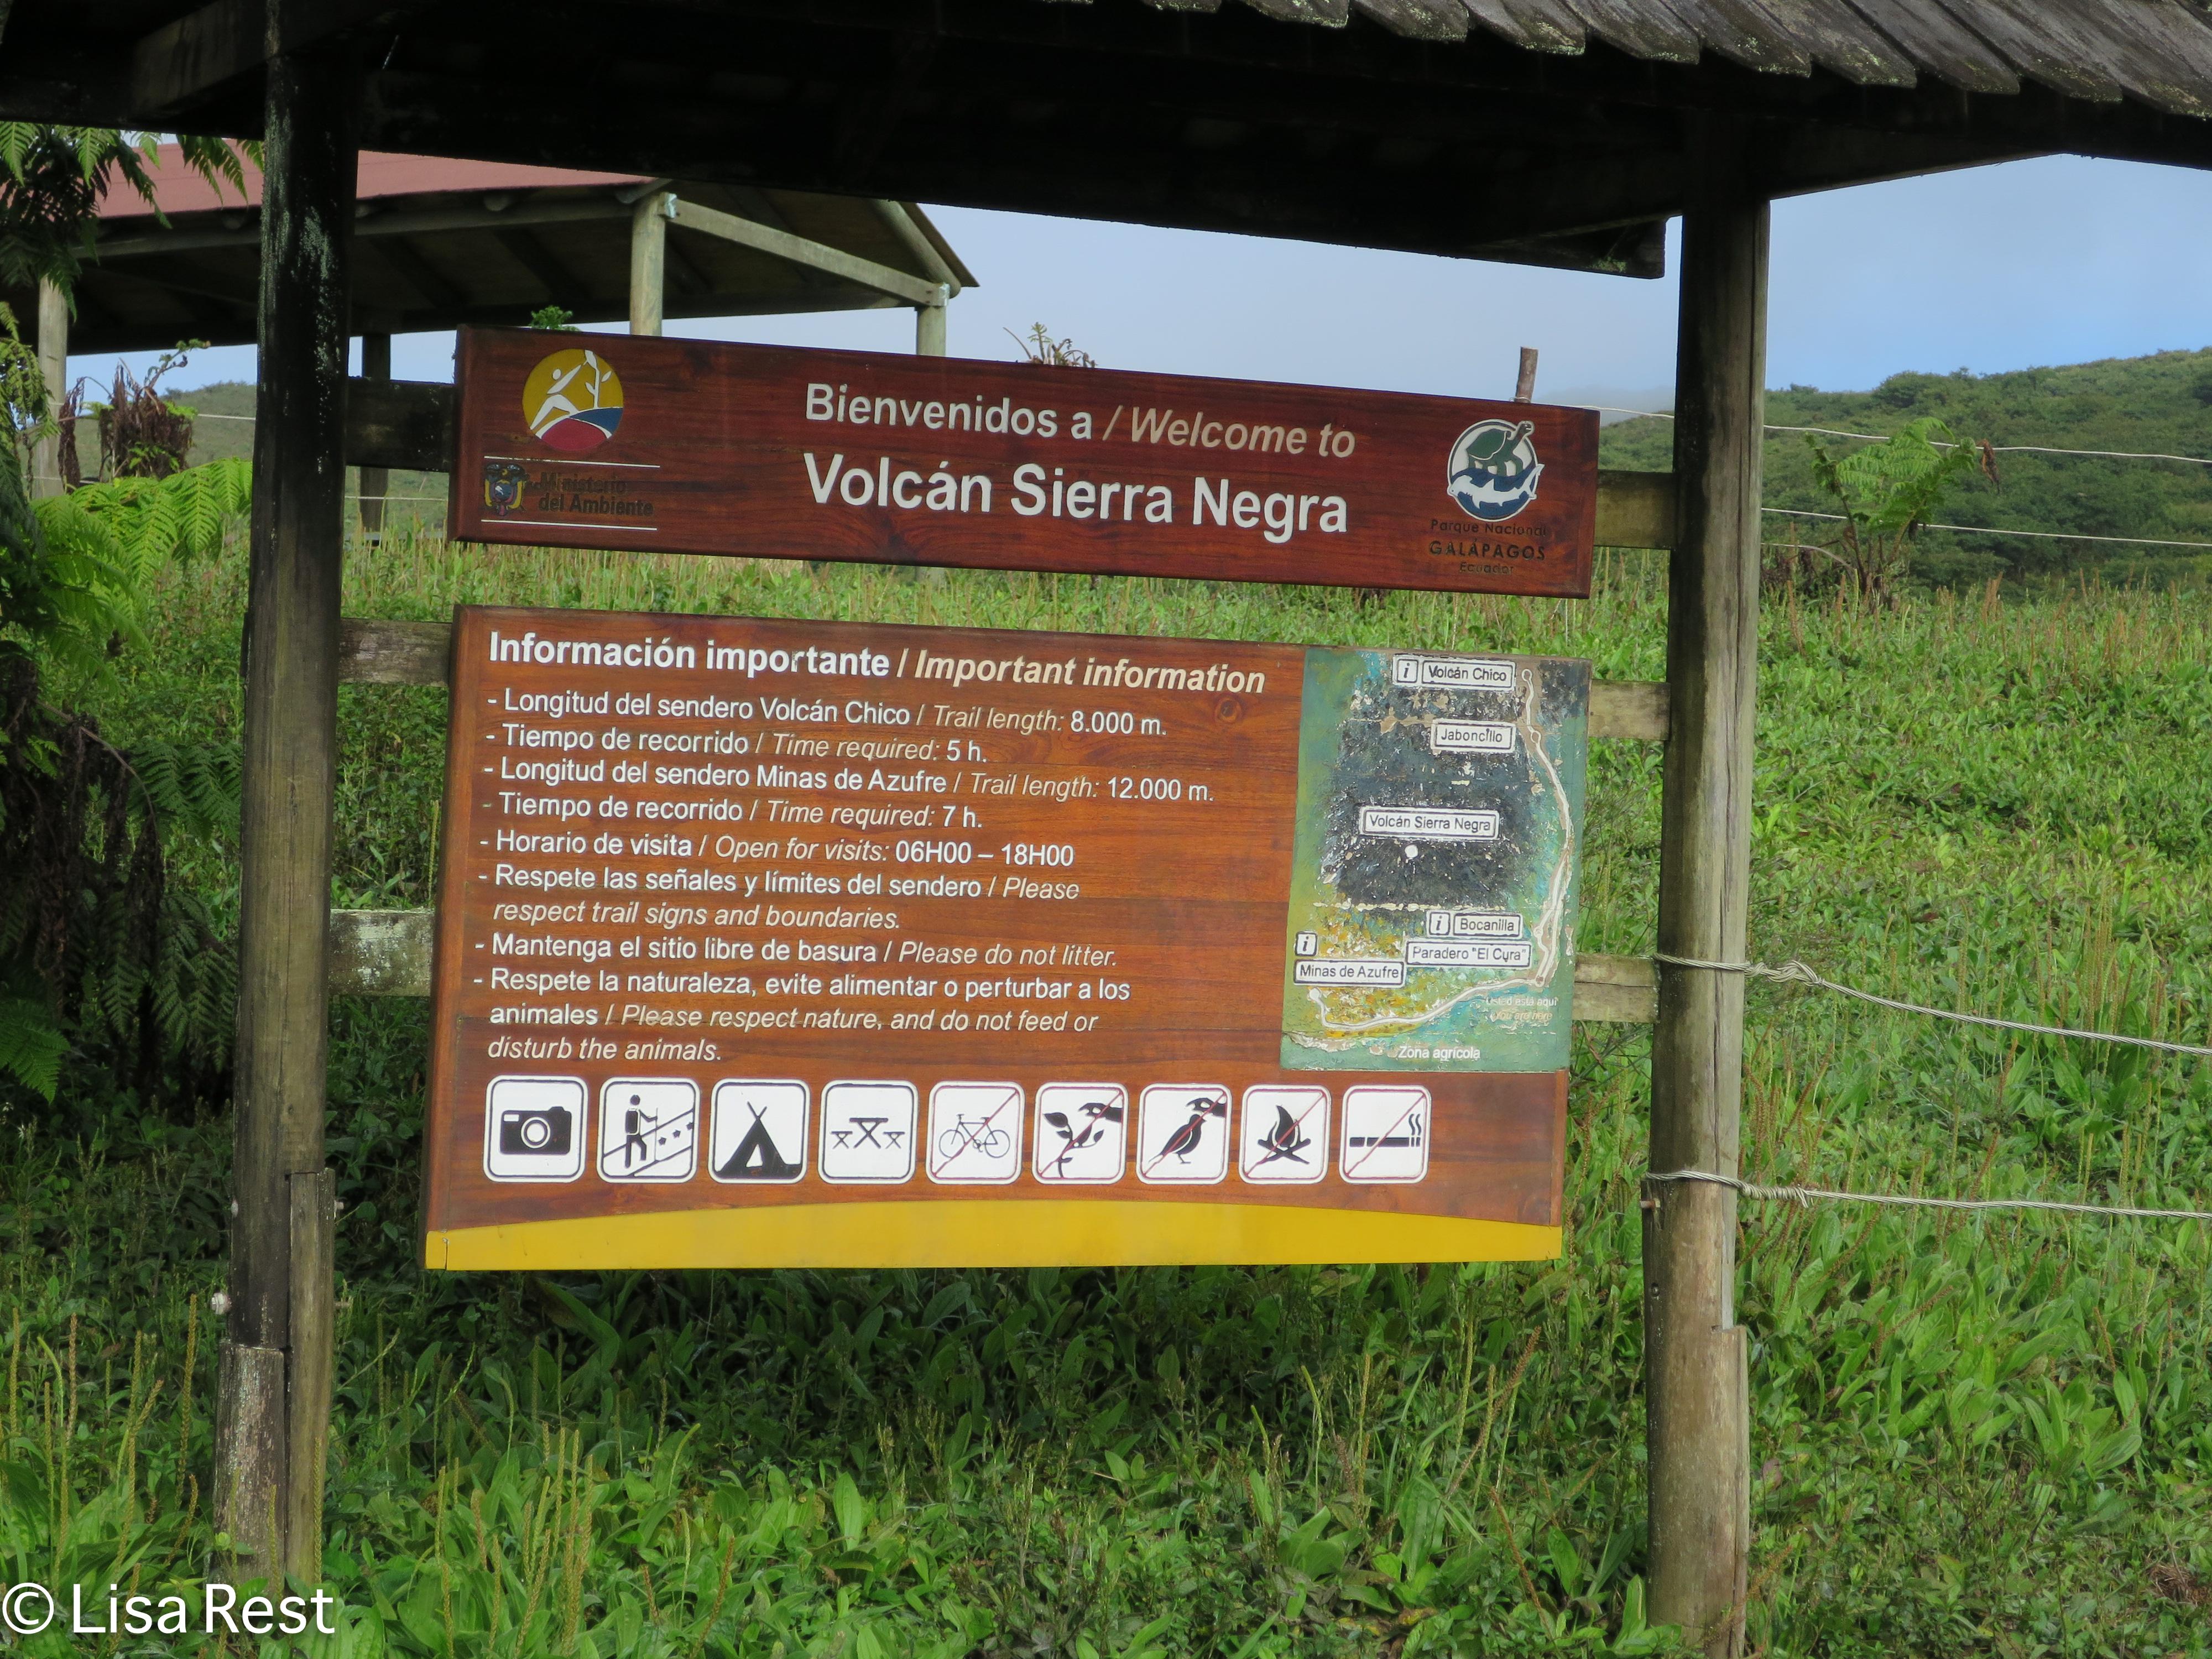 welcome-sign-volcan-sierra-negra-7-13-16-0317